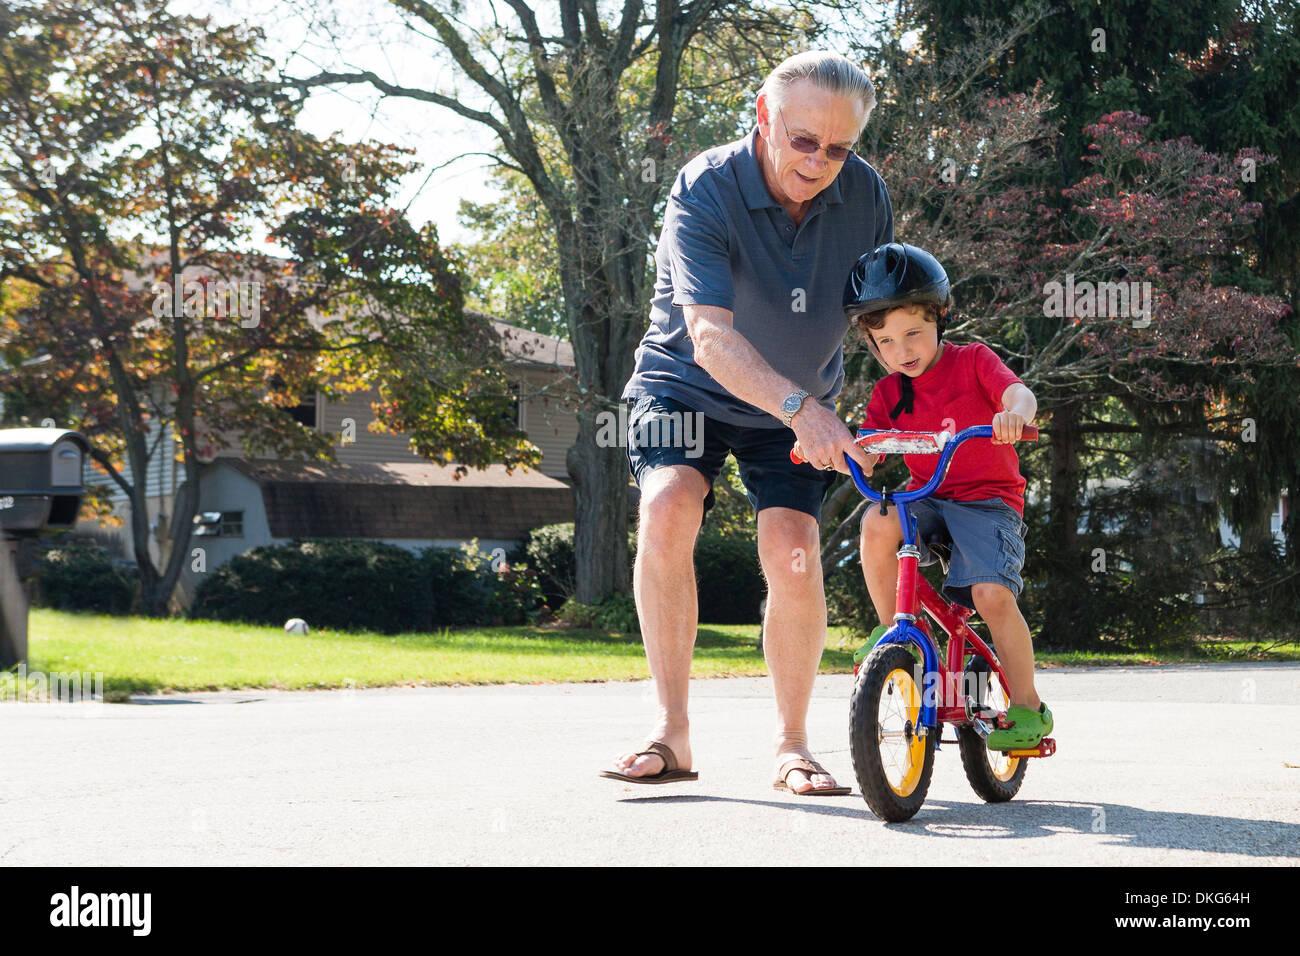 Großvater ermutigen junge, Fahrrad fahren Stockbild